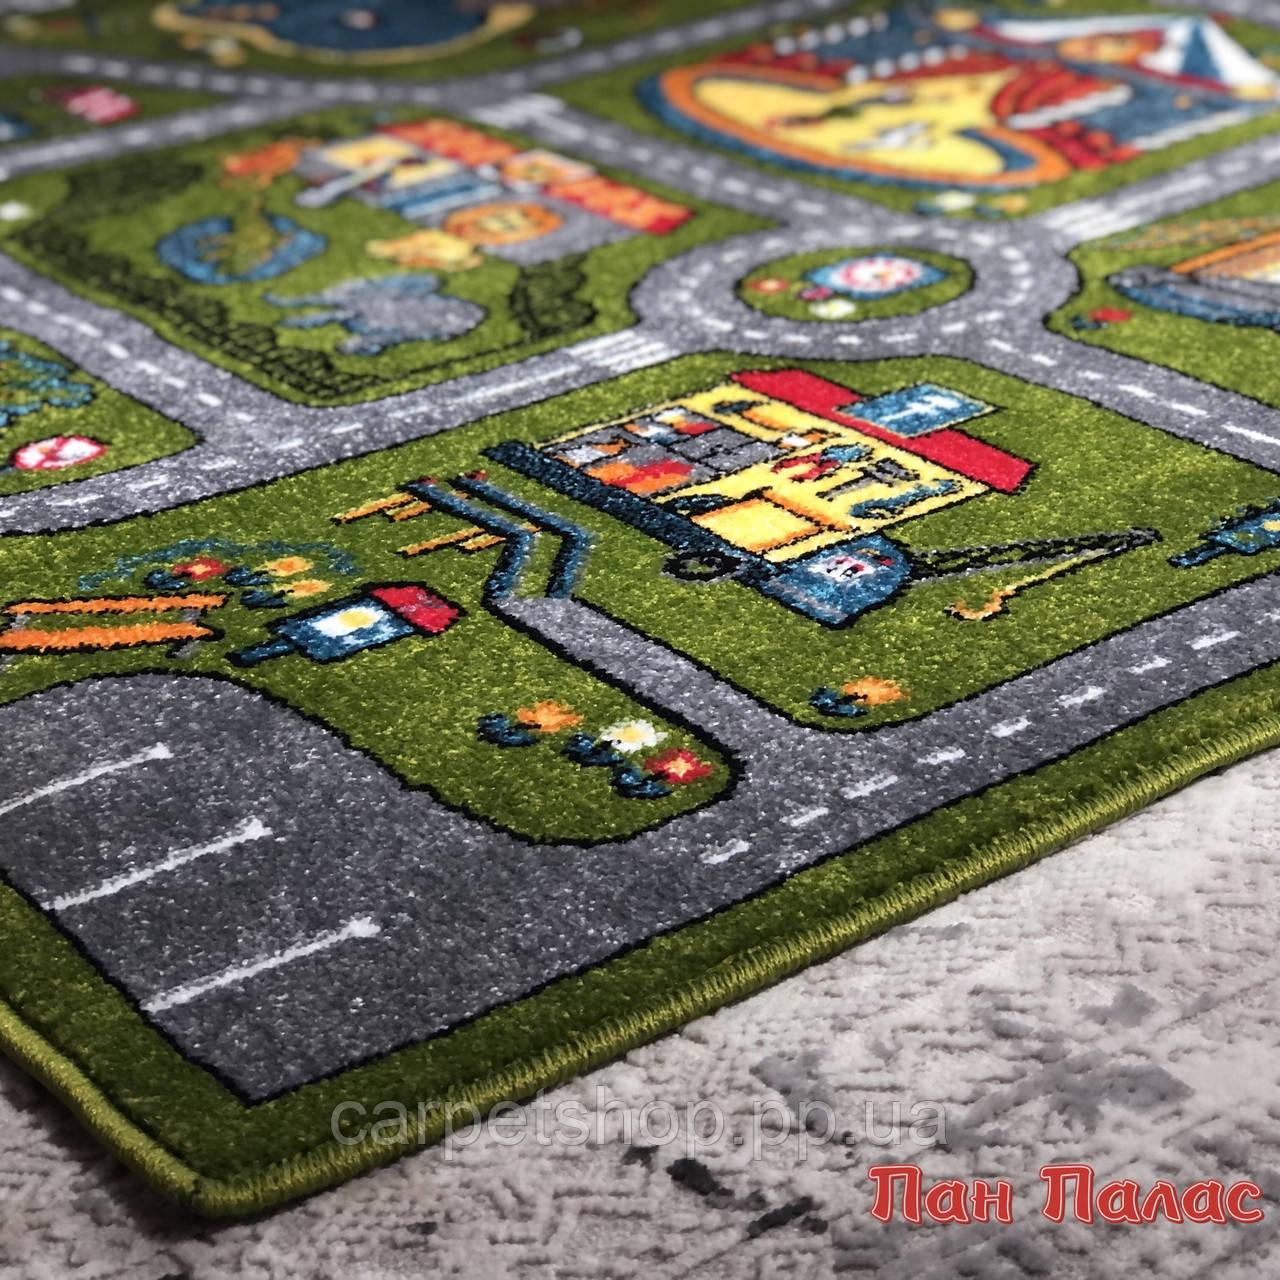 133х190 см. Детский коврик Kolibri 11061/130, производитель Karat Carpet  Украина